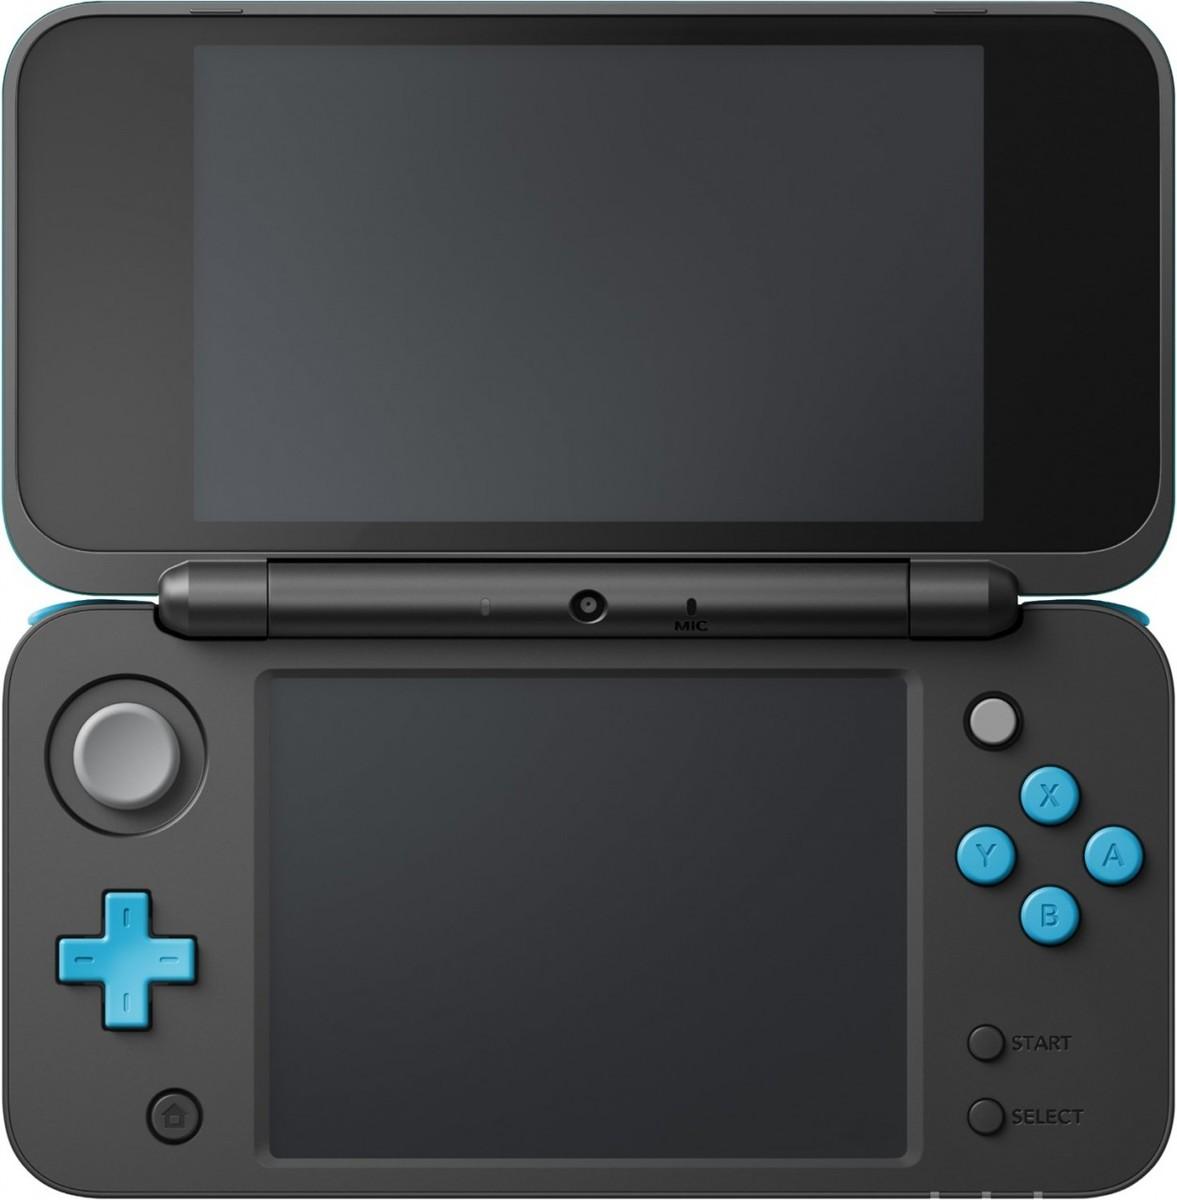 Bild 4 von Nintendo New 2DS Konsole XL | B-Ware - Artikel  wurde vom Hersteller geprüft - technisch einwandfrei